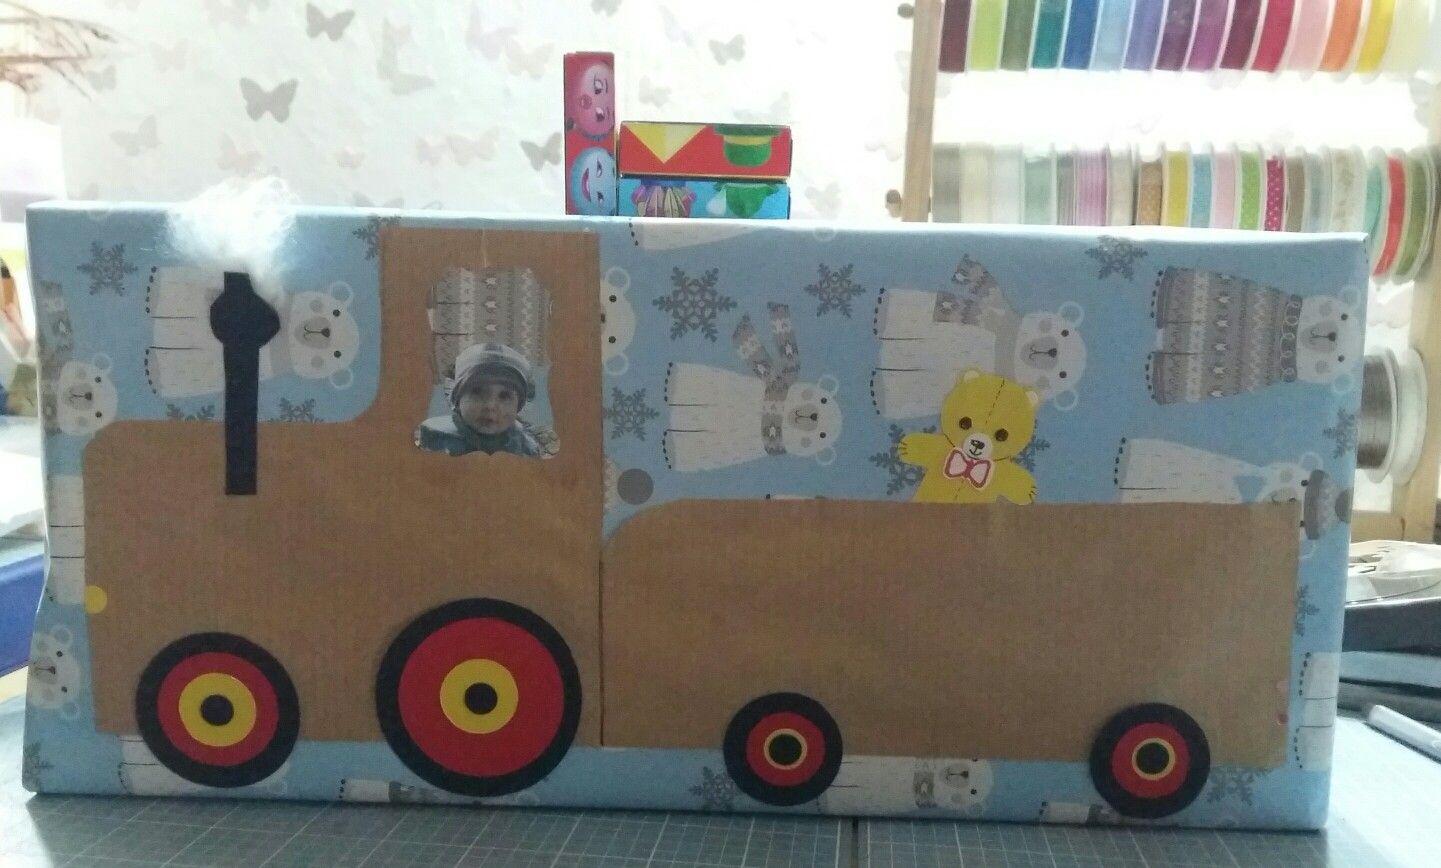 Verpackung von Spielzeug für einen Einjährigen  Und obendrauf drei Mini Smartis als Auto gestapelt